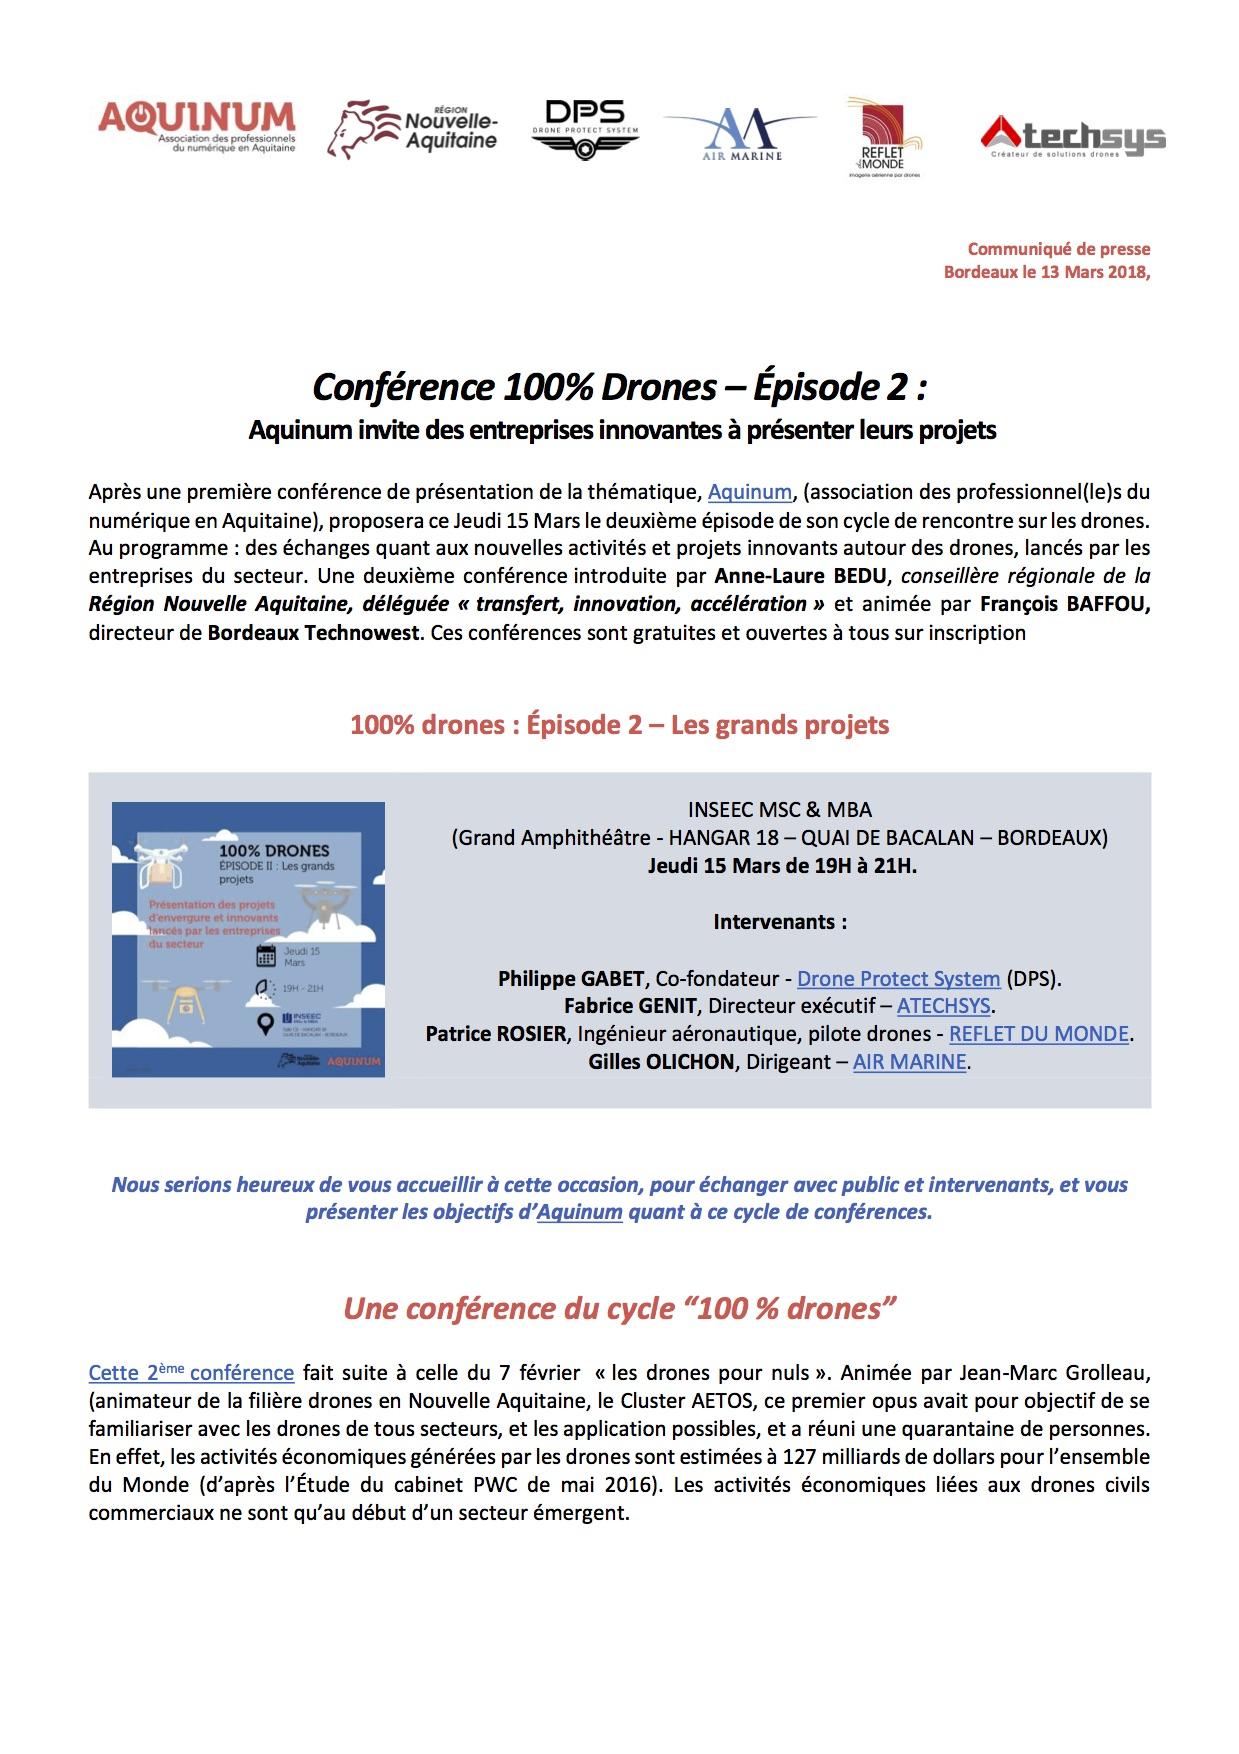 communique-de-presse-100-drones-2